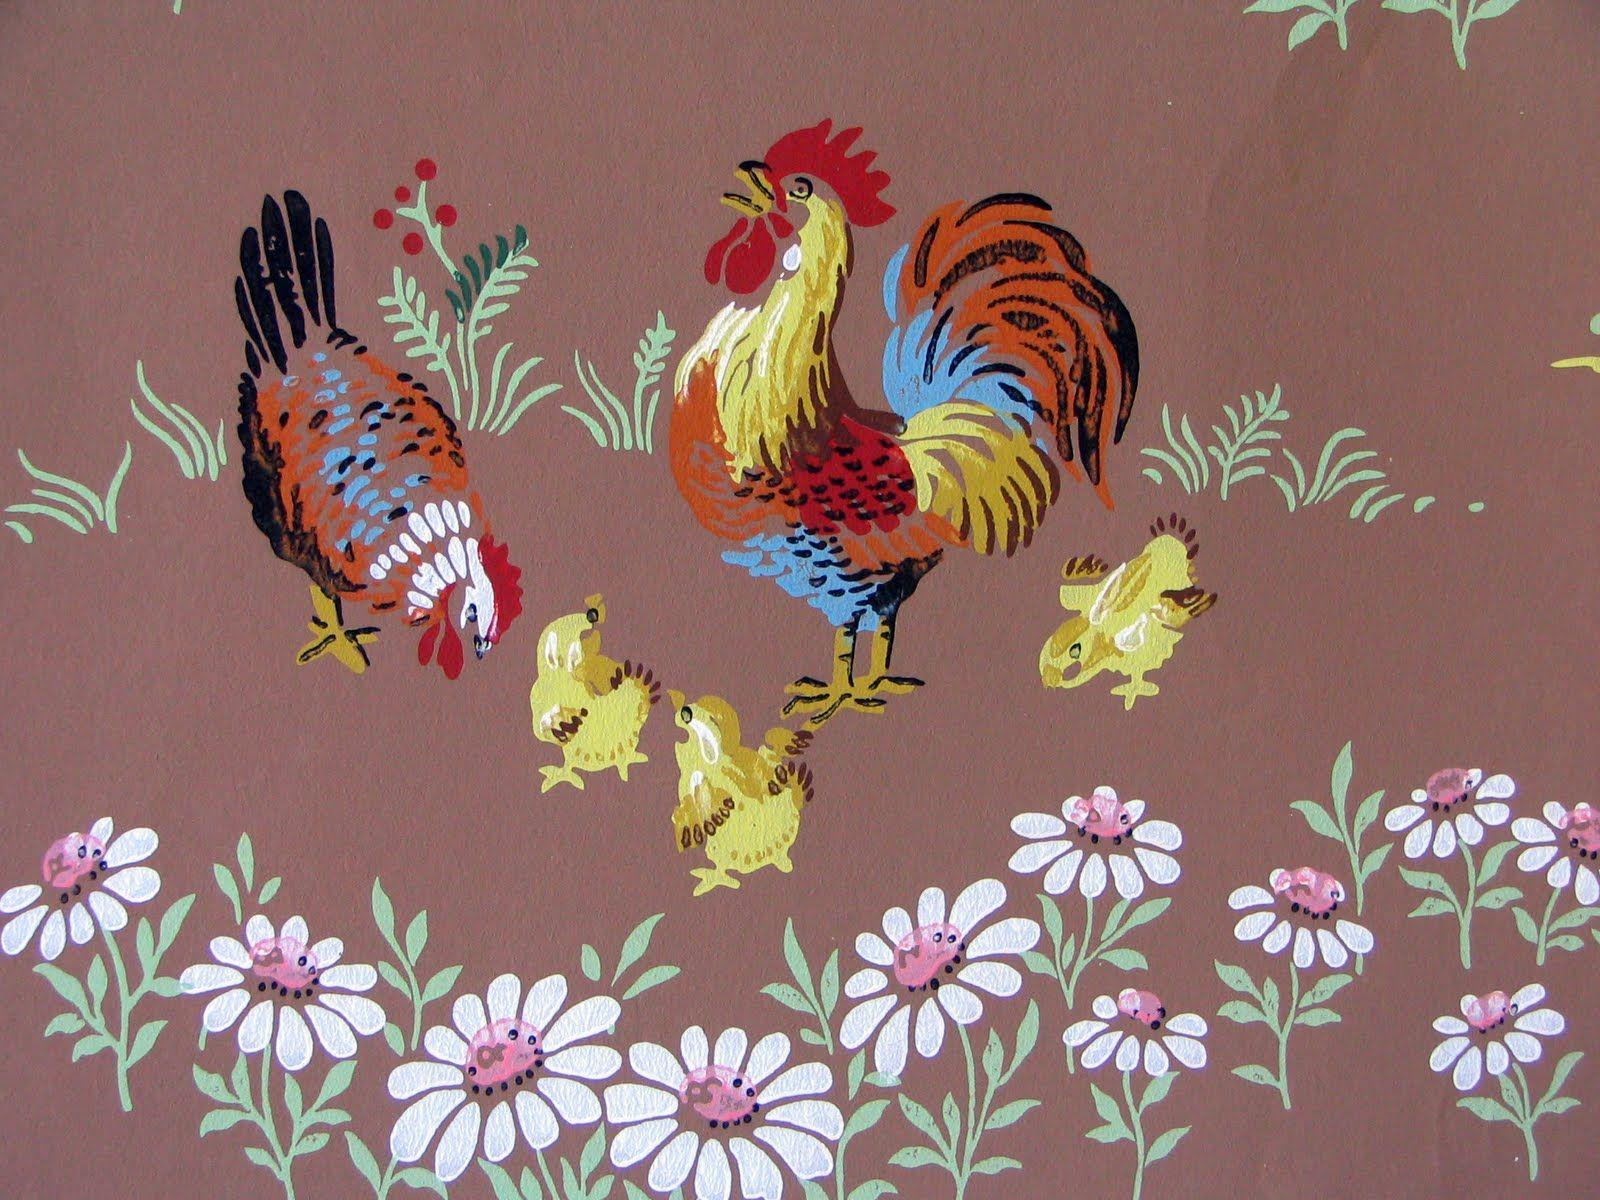 Kitchen wallpaper border  C Dianne Zweig  Kitsch un Stuff Vintage Wallpaper is Charming For